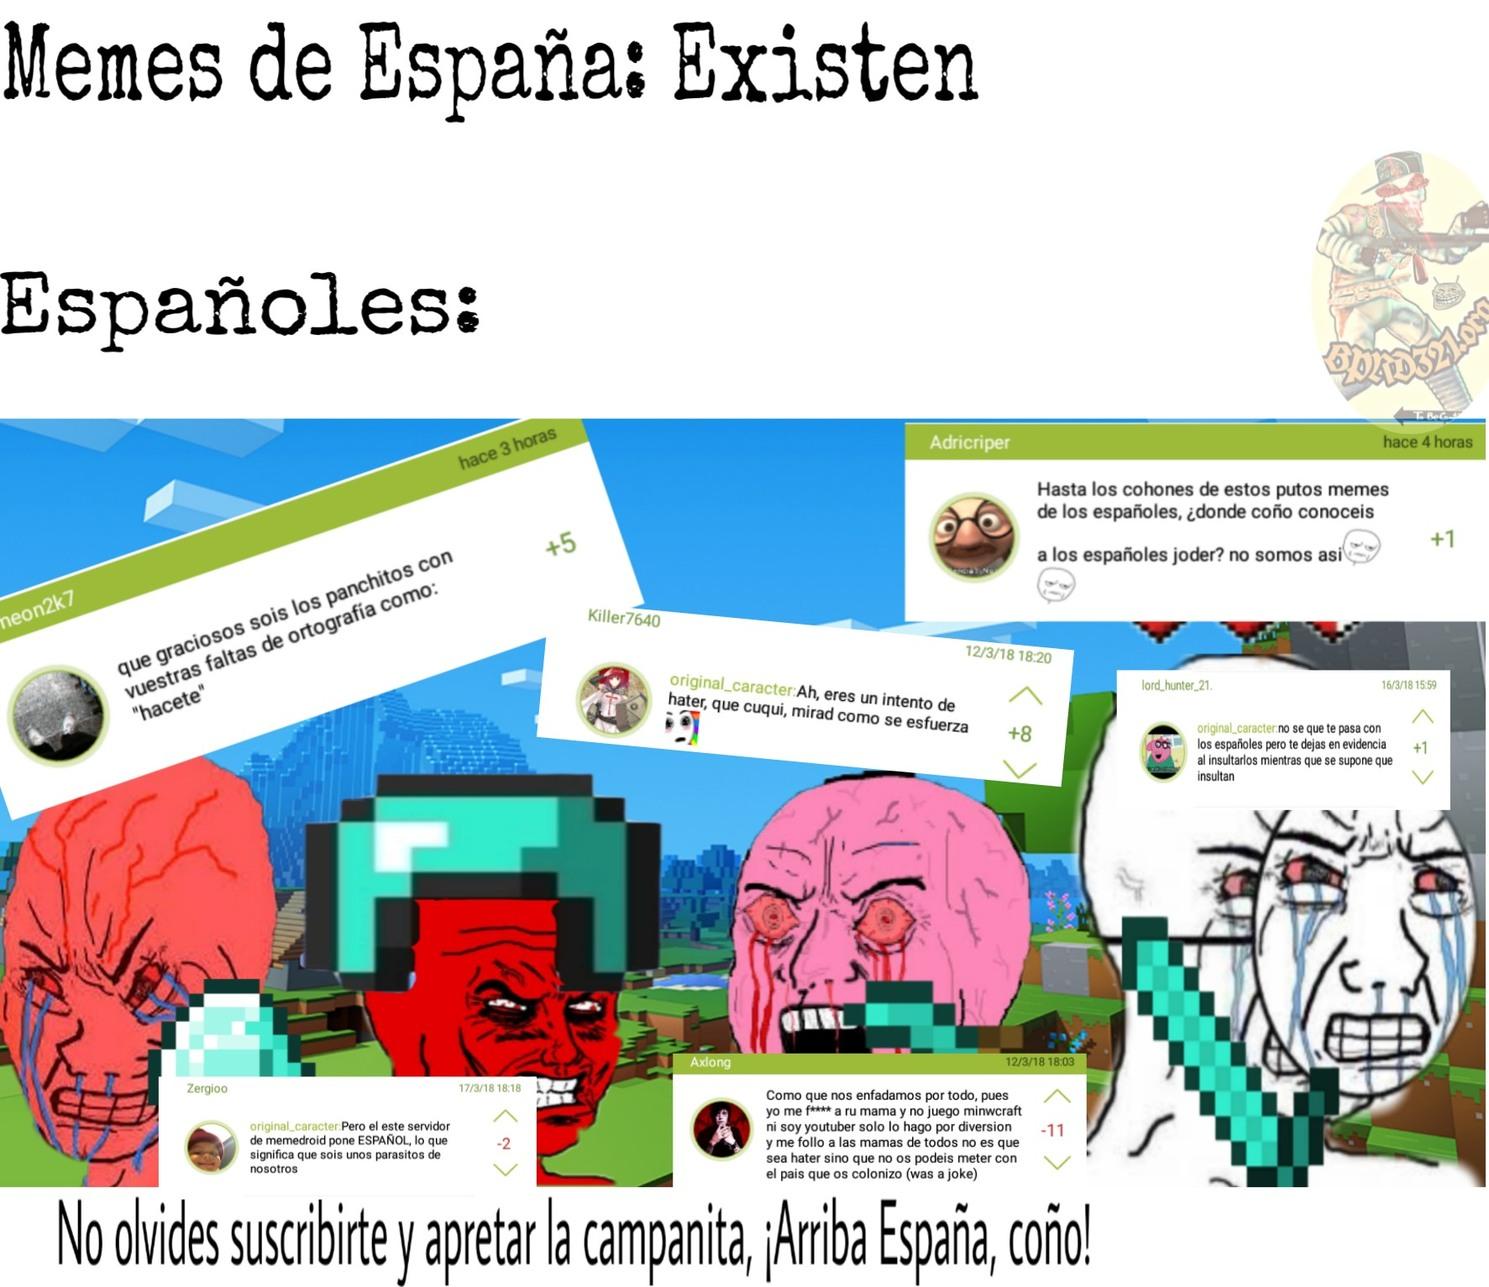 Noh teh Burlez de España, Panchitoh de Mierdah - meme